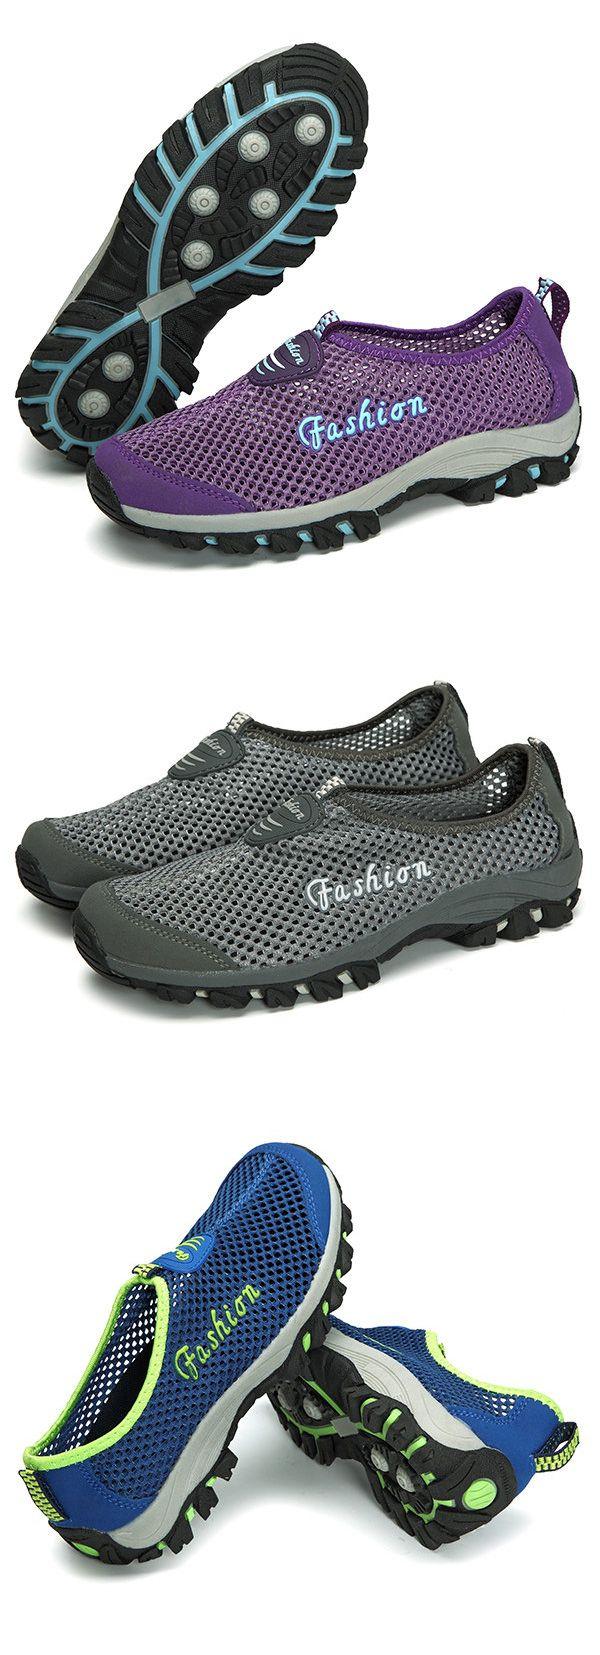 Grande Taille Séchage Rapide Chaussures Casual Sport De Randonnée En Plein Air haj71qJTxp